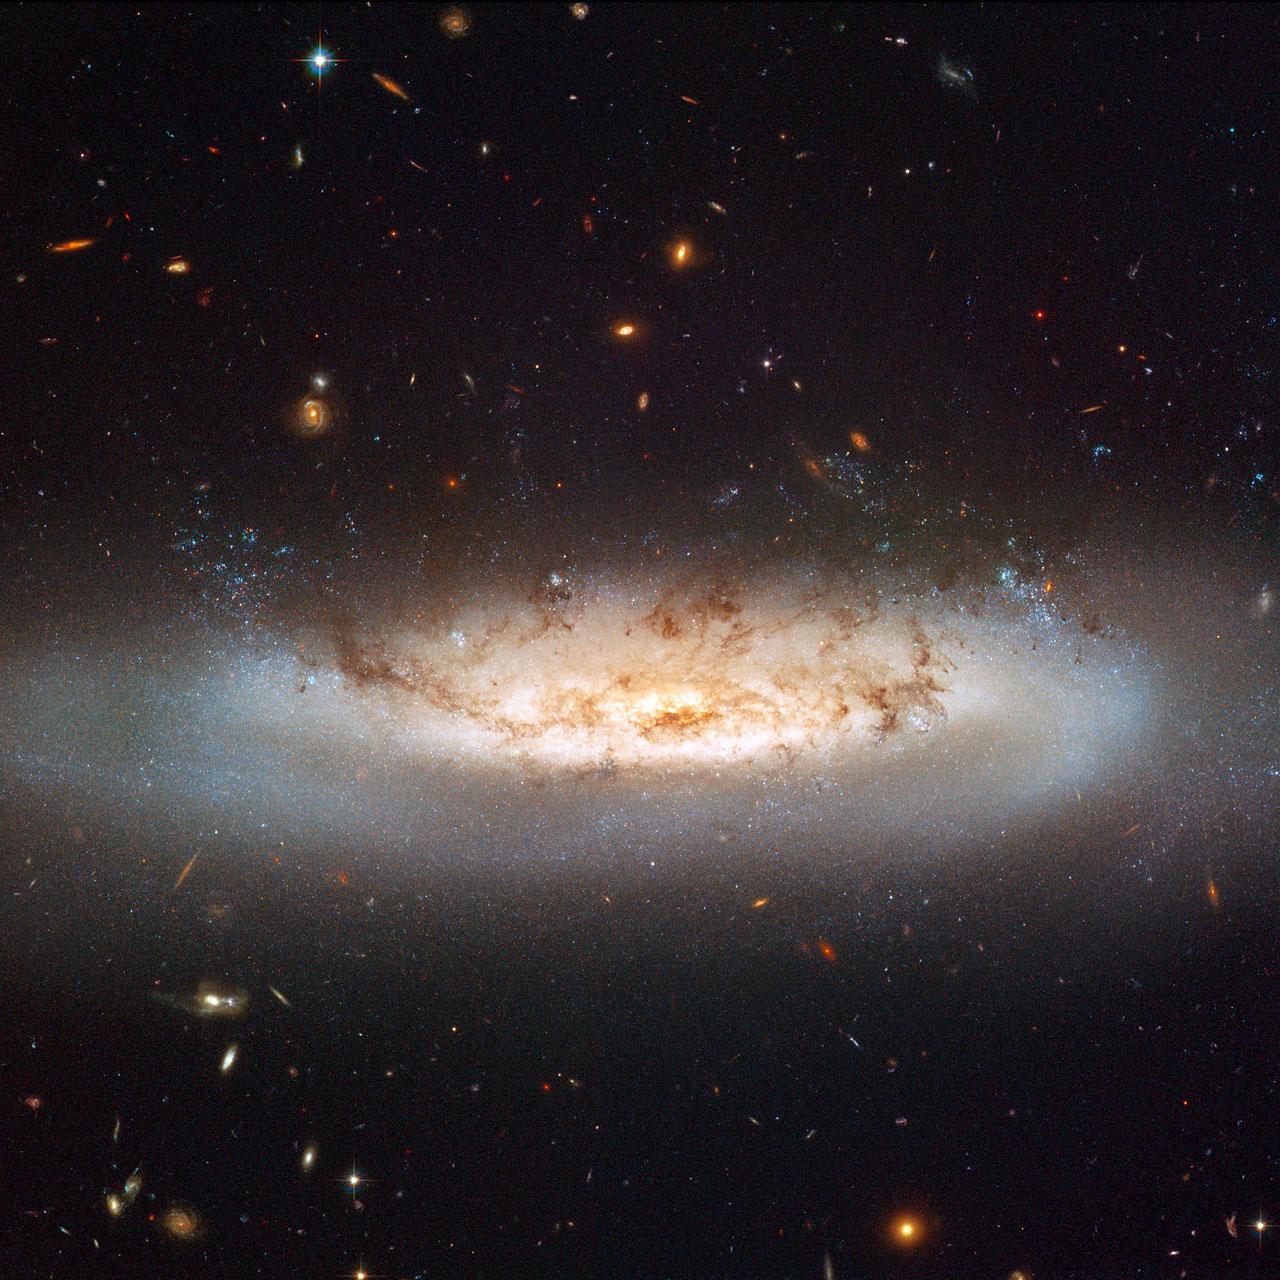 Image Credit: NASA & ESA.